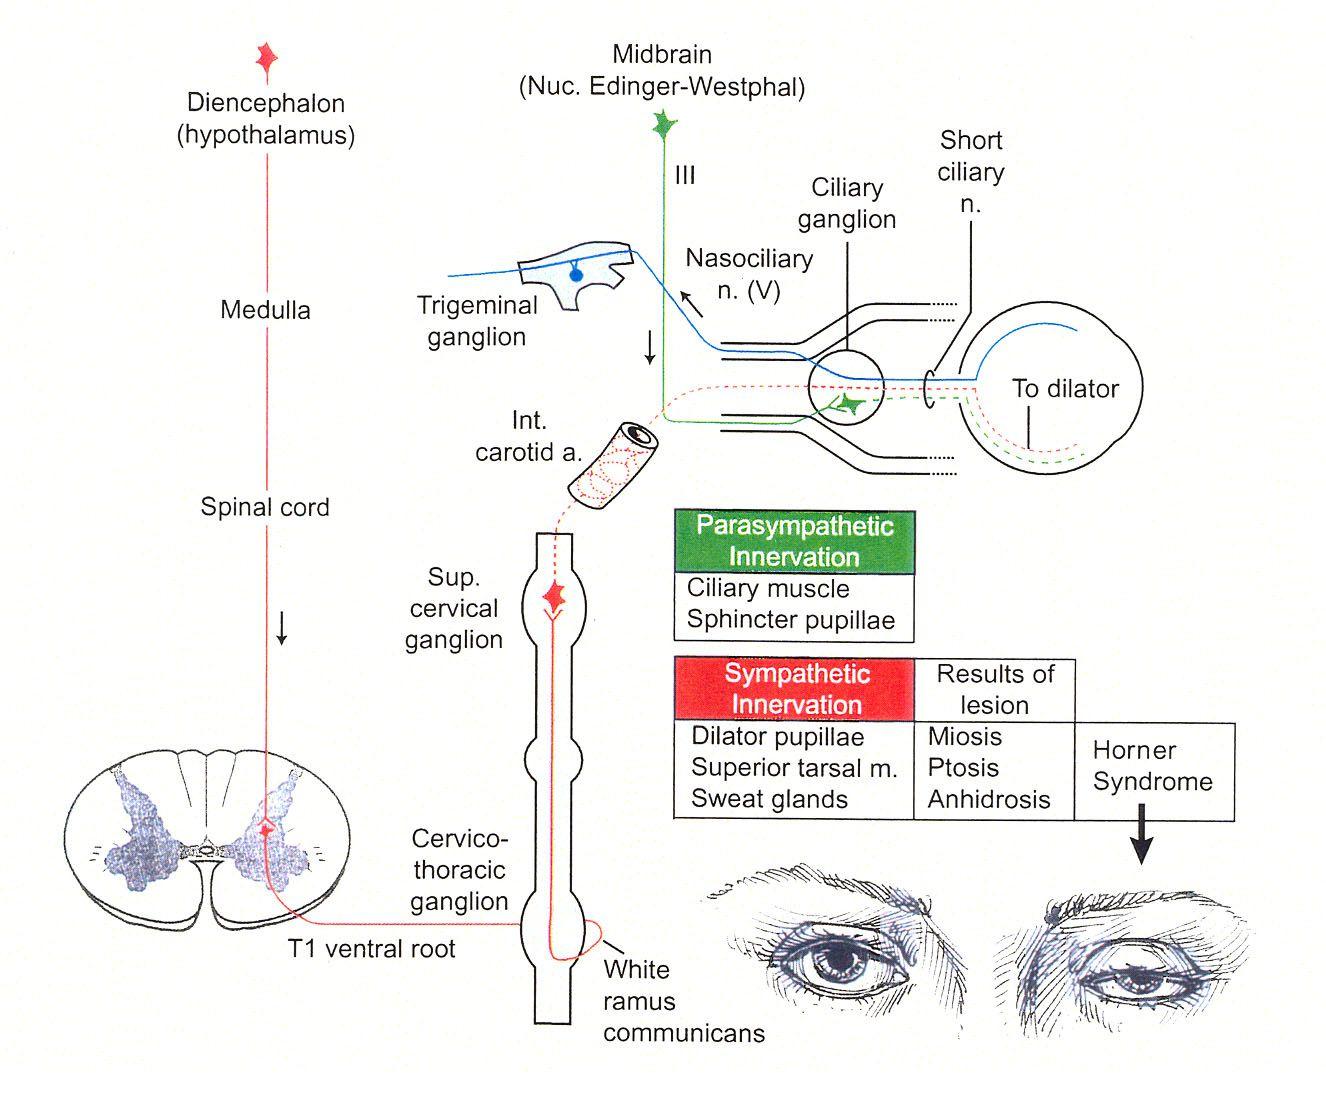 Brainstem Cranial Nerve Nuclei Instaanatomy